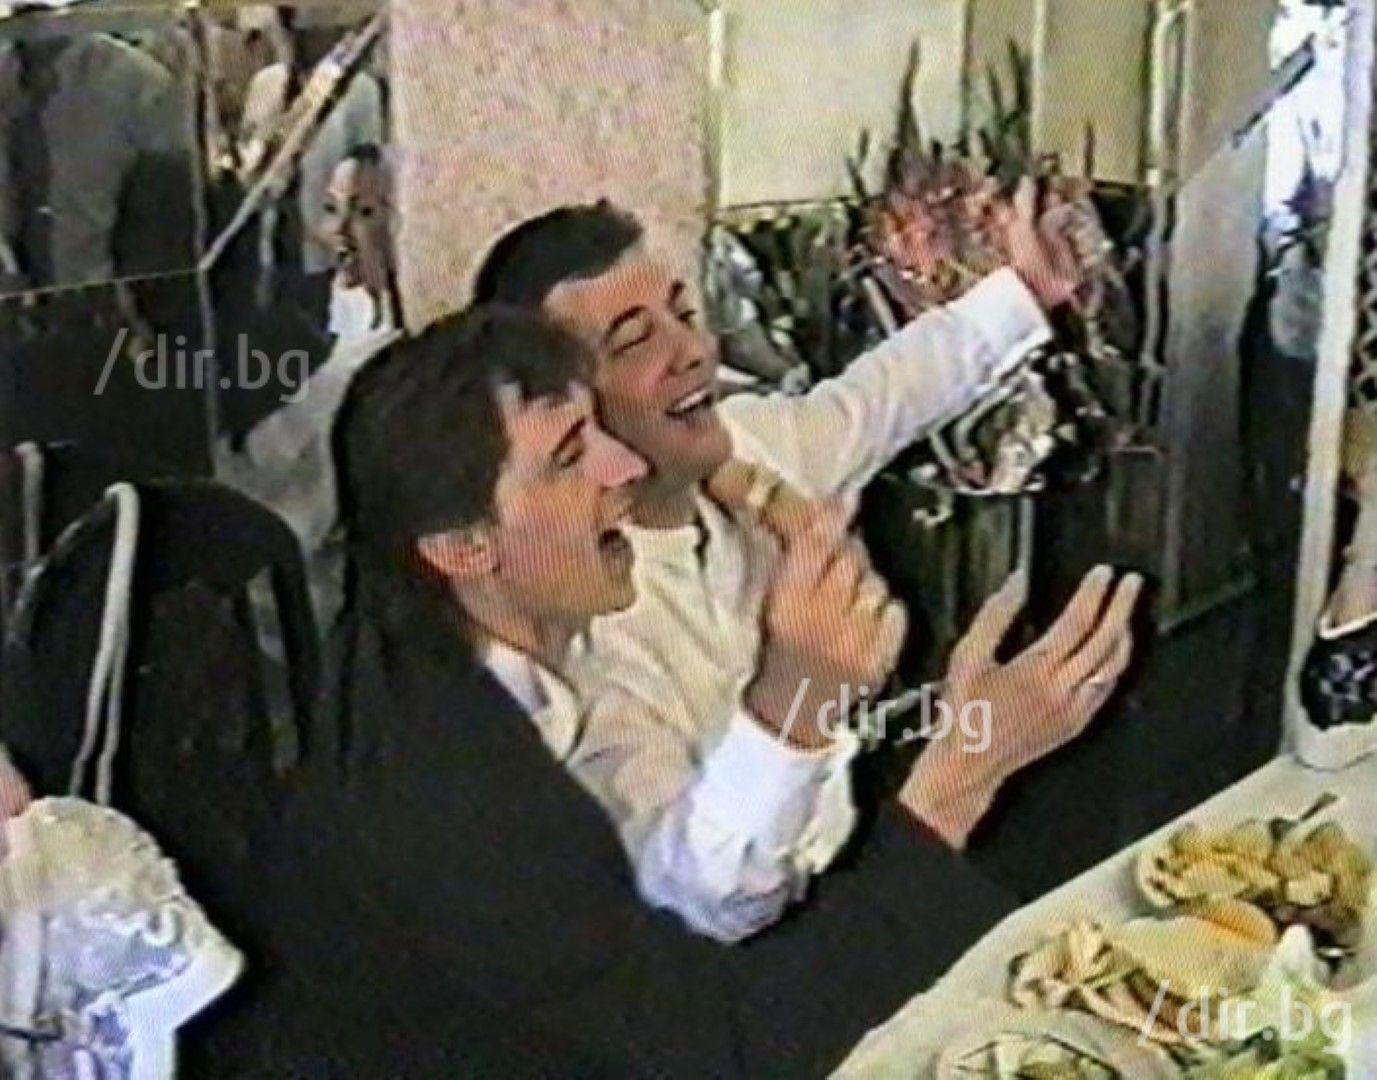 9 септември 1995 г. Георги Илиев кумува на Николай Цветин.